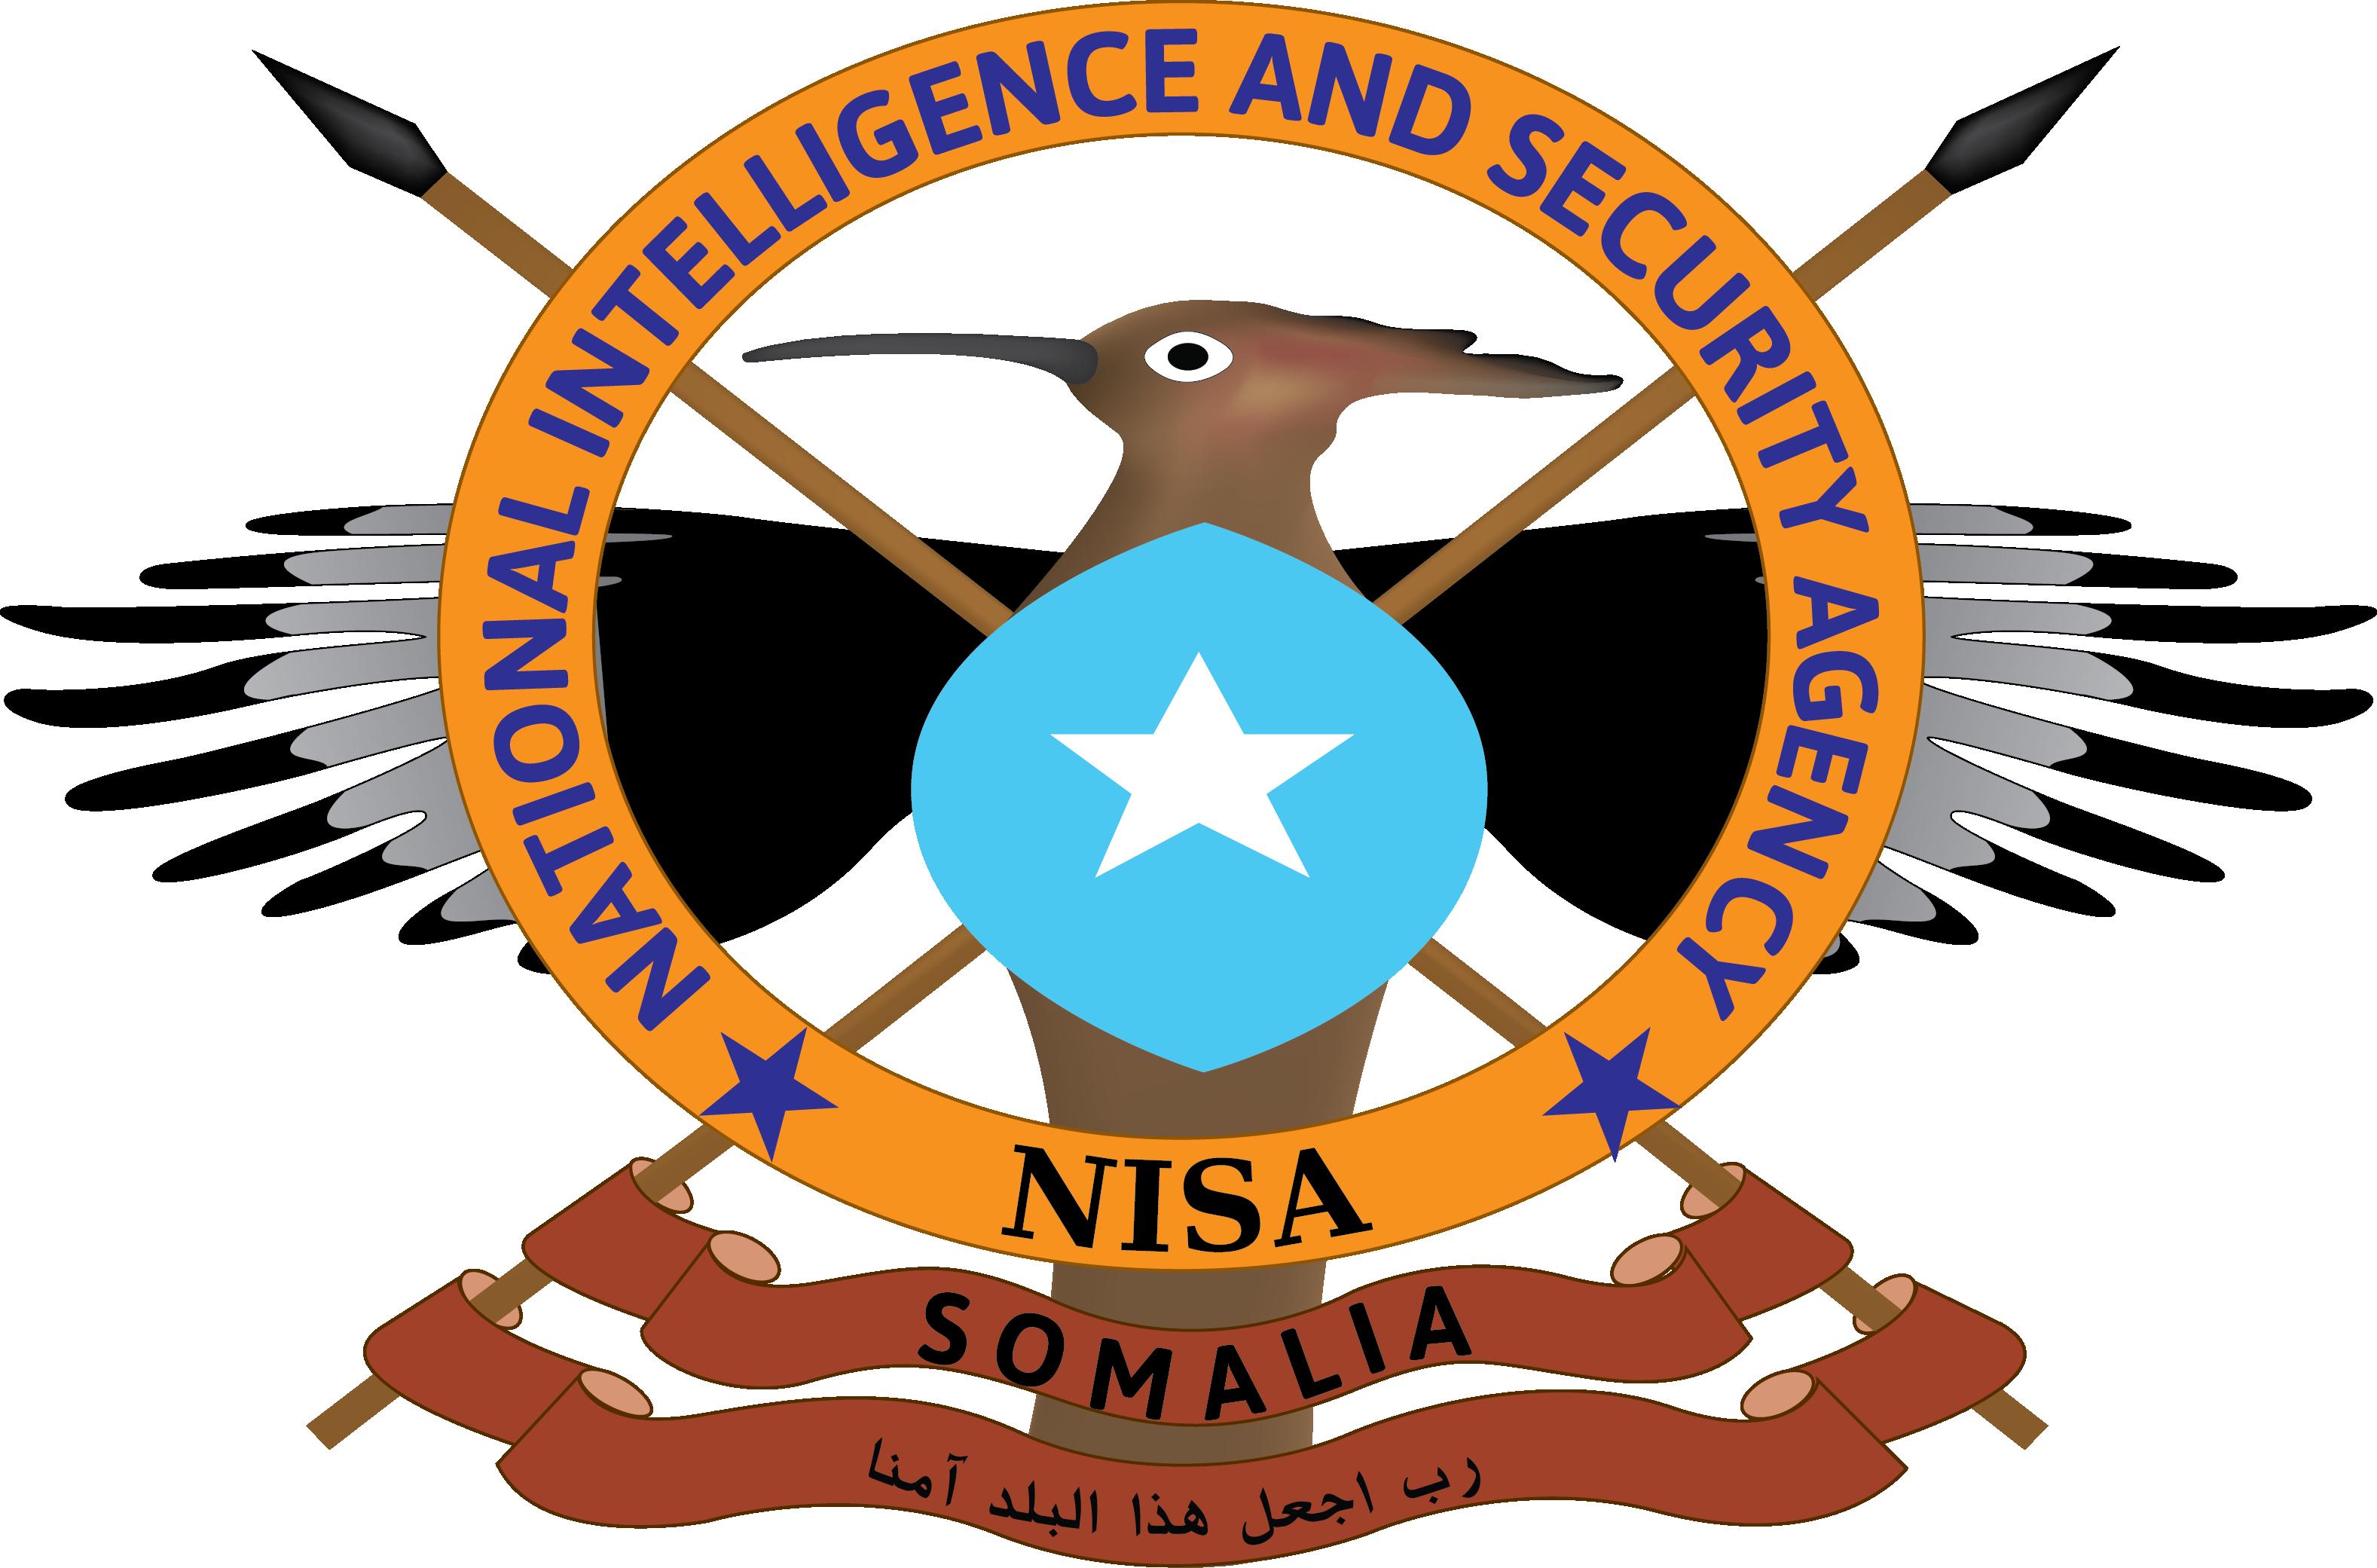 NISA oo war cusub kasoo saartay 'khilaafka' Al-Shabaab iyo 'gadood' laga sameeyey Muqdisho